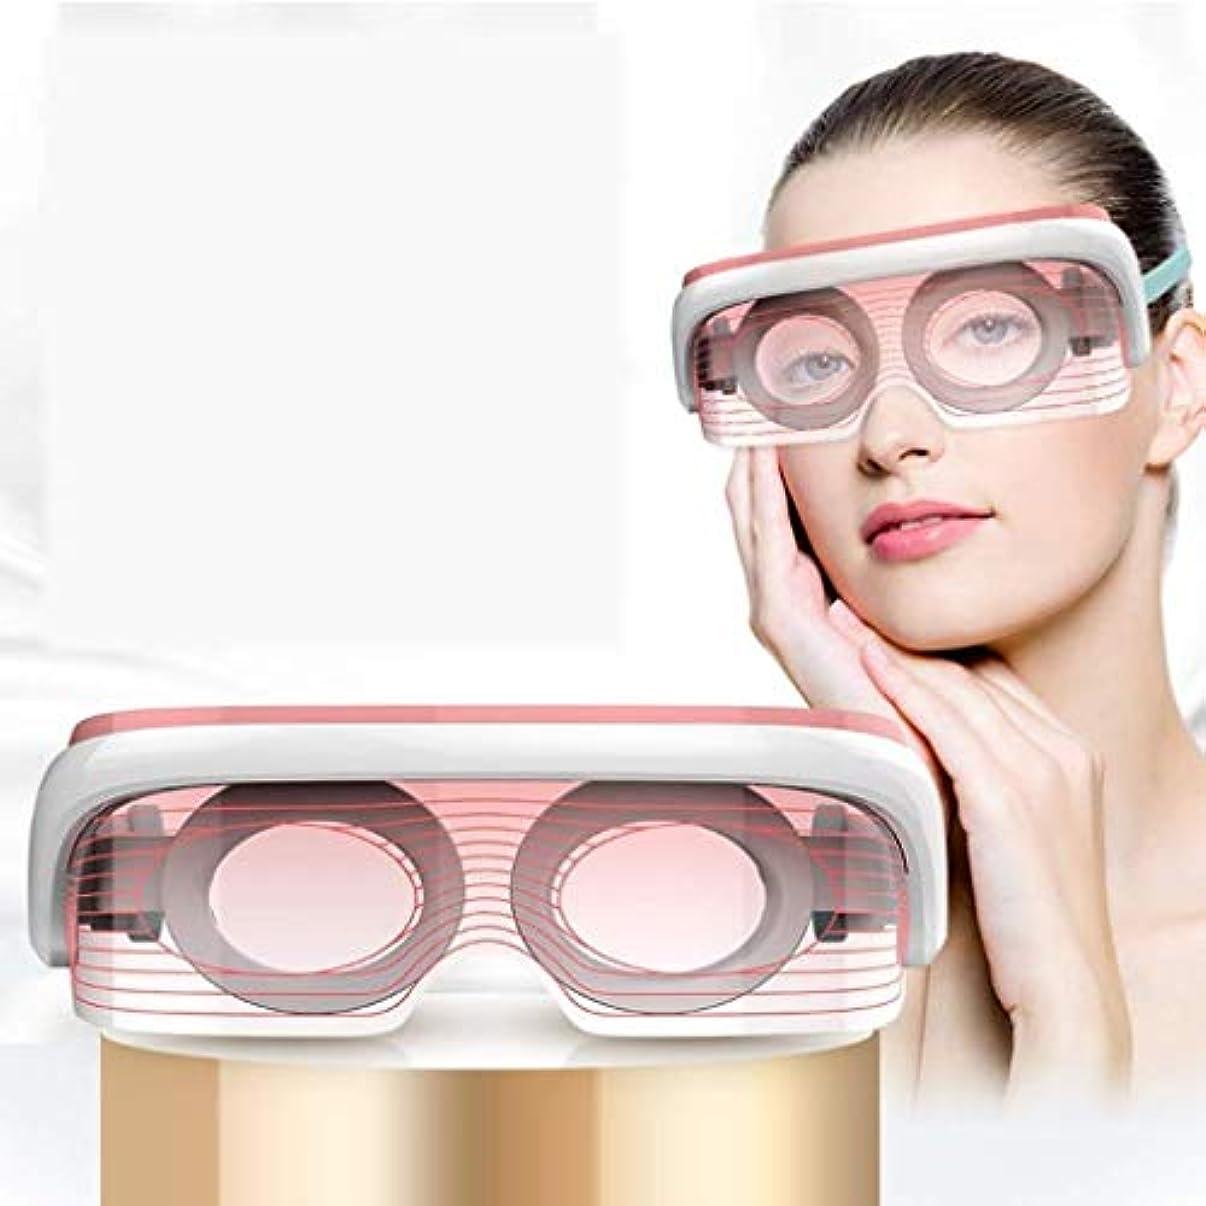 一握り発疹本能USB充電アイマッサージャー、疲労アイメーターの軽減、一定温度ホットコンプレッションフォトセラピービューティーアイマスク、フォトンスペクトルアイ保護機器